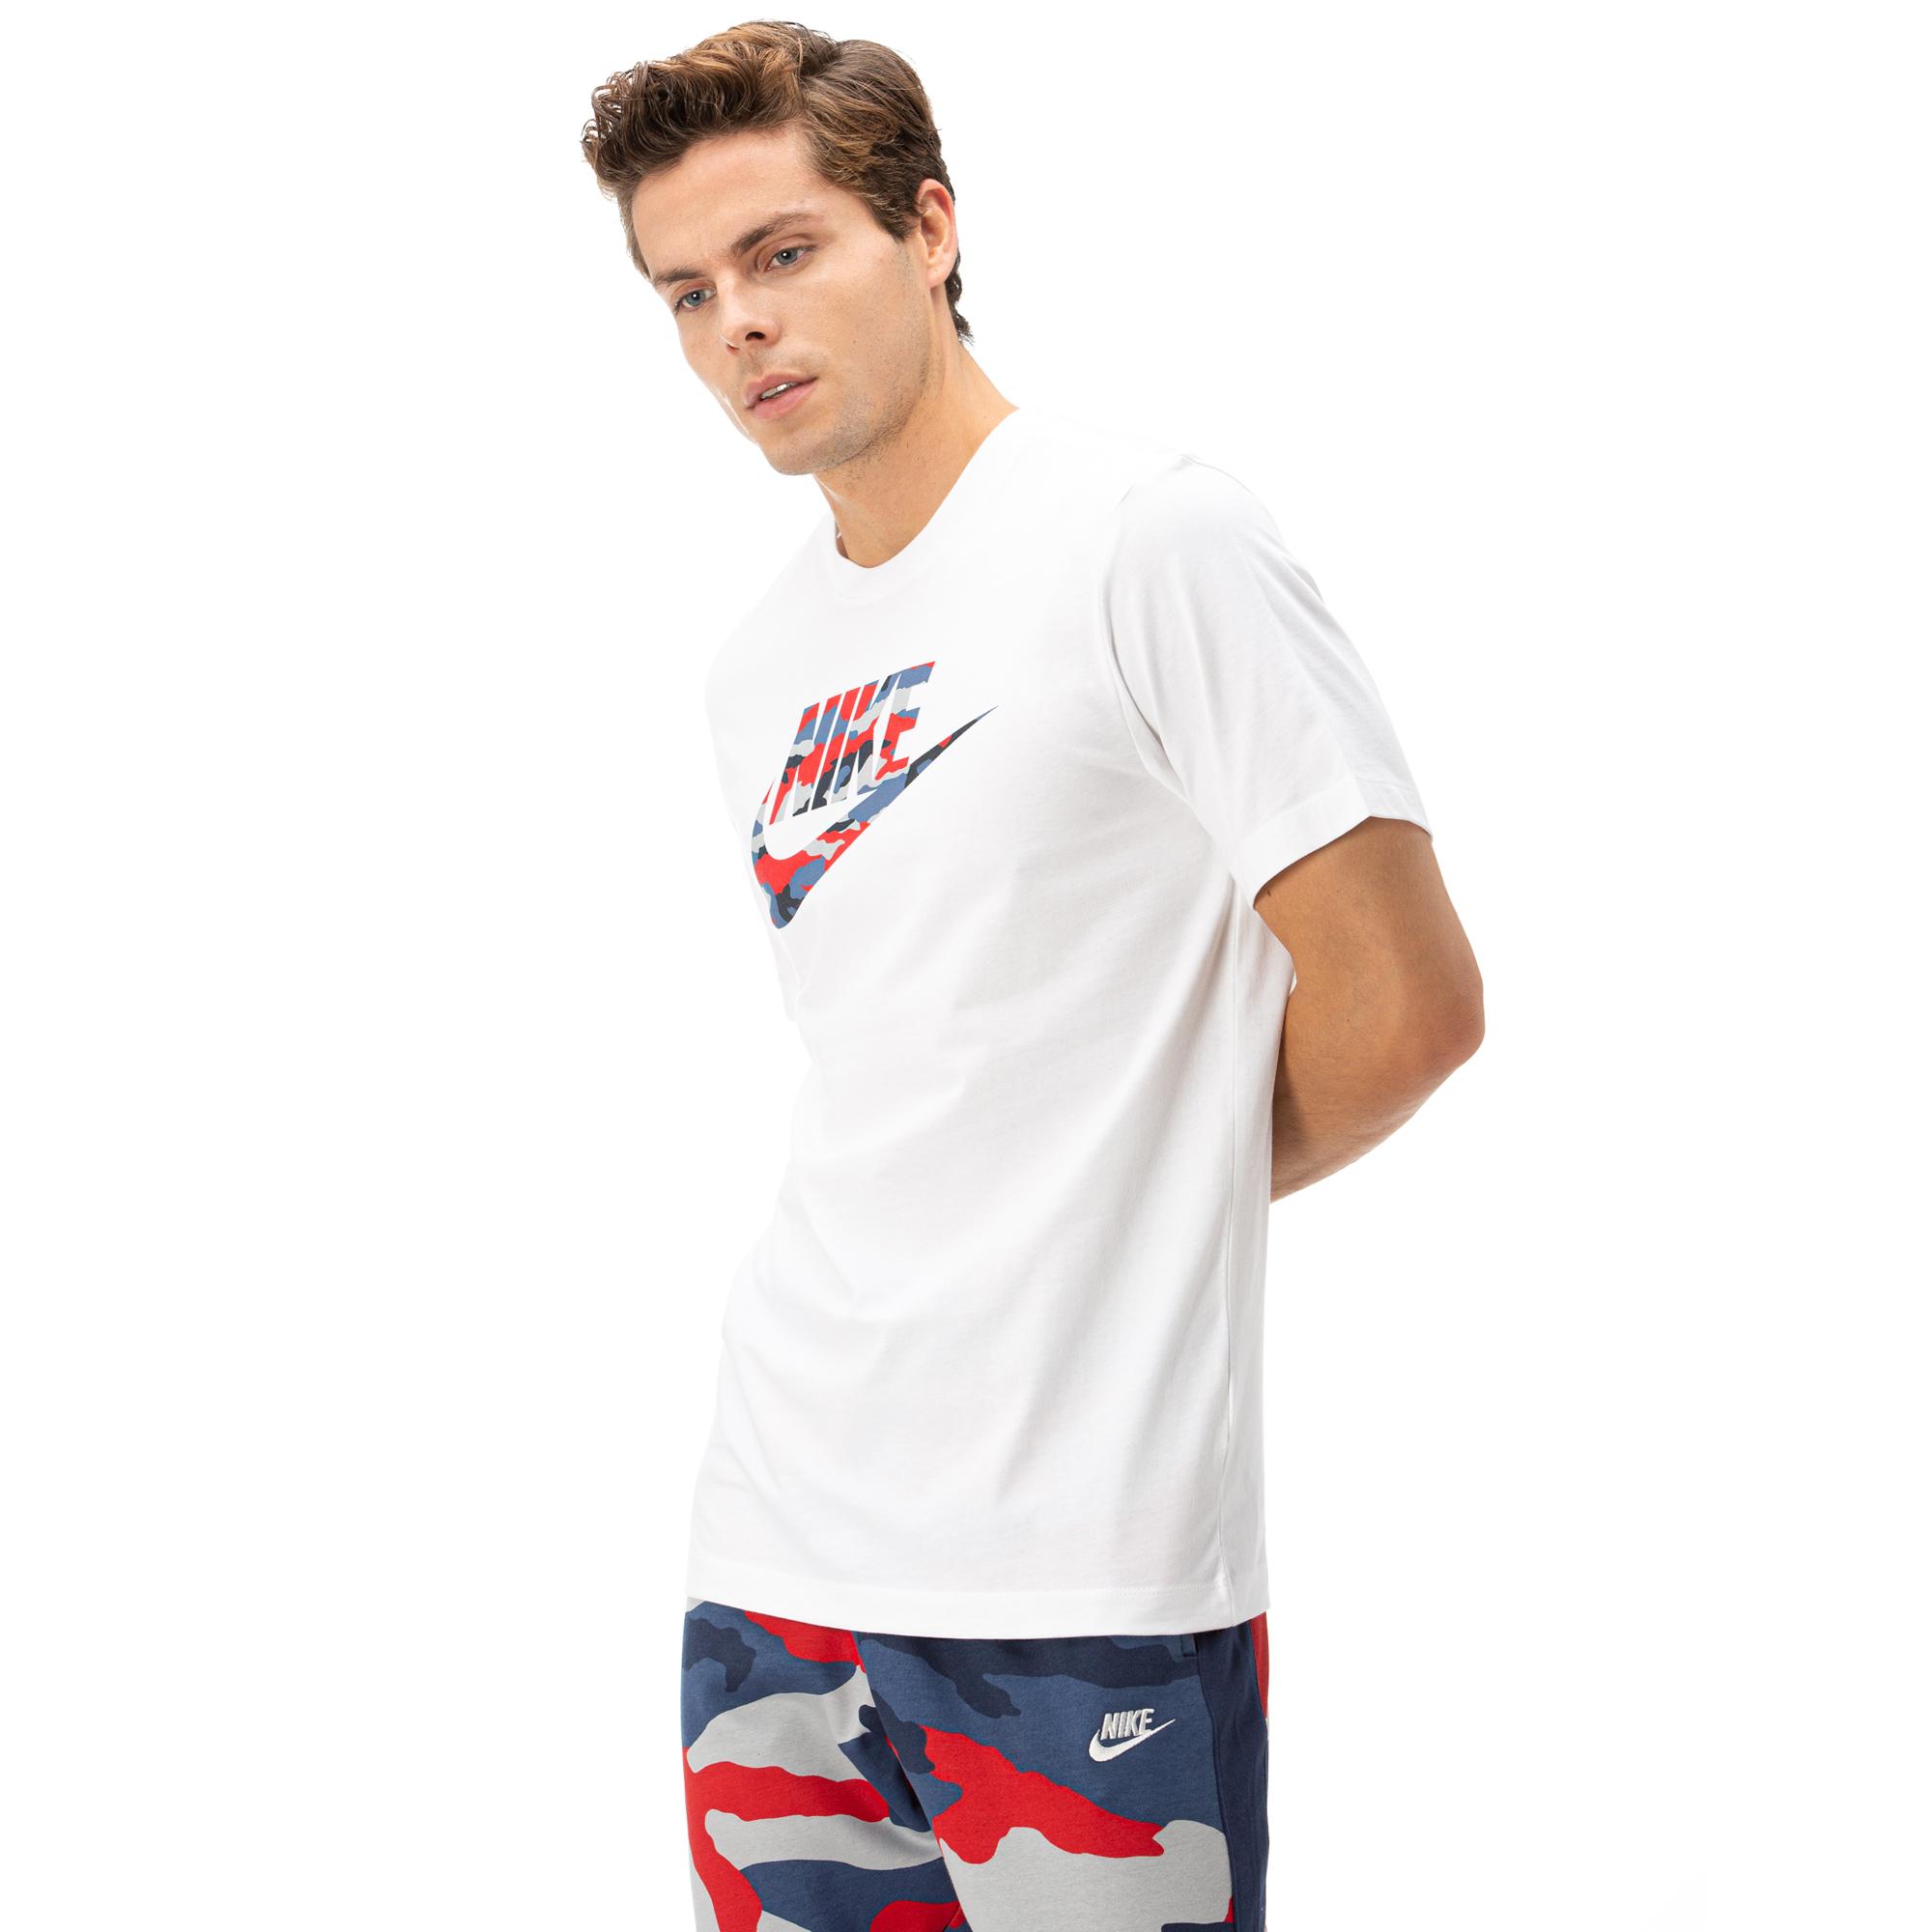 Nike Camo 2 Erkek Beyaz Kısa Kollu T-Shirt